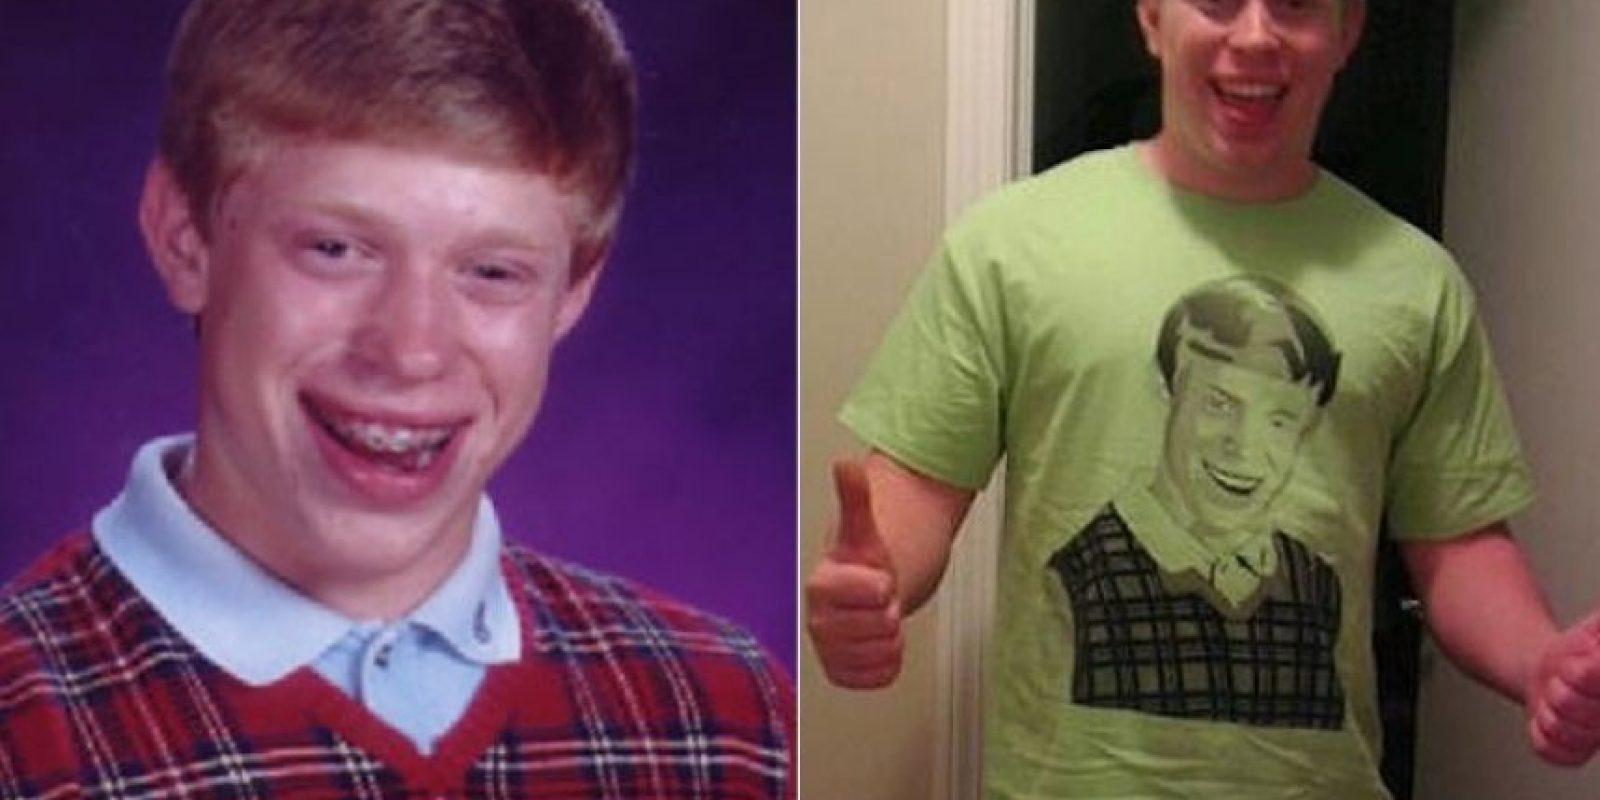 Se llama Kyle Craven, y su foto de adolescente se hizo viral, dándole origen a Bad Luck Brian. Foto:Portalpower